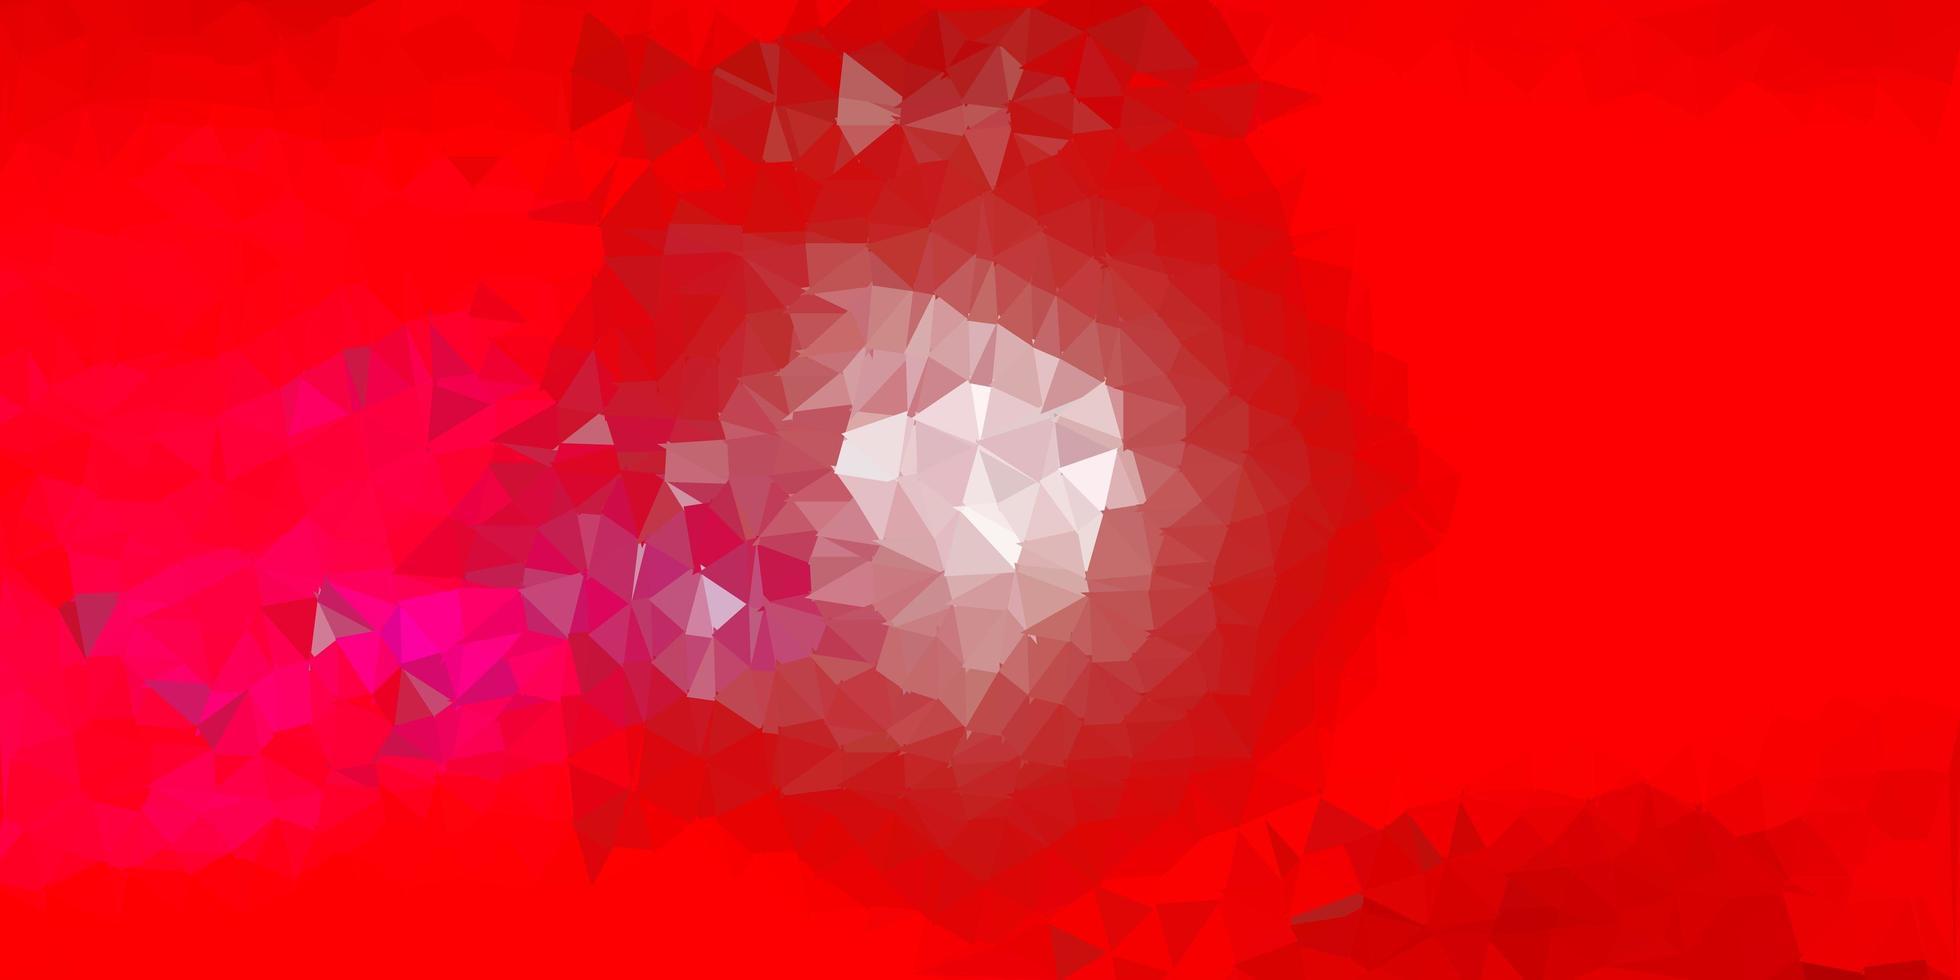 conception de mosaïque de triangle vecteur rose clair, rouge.